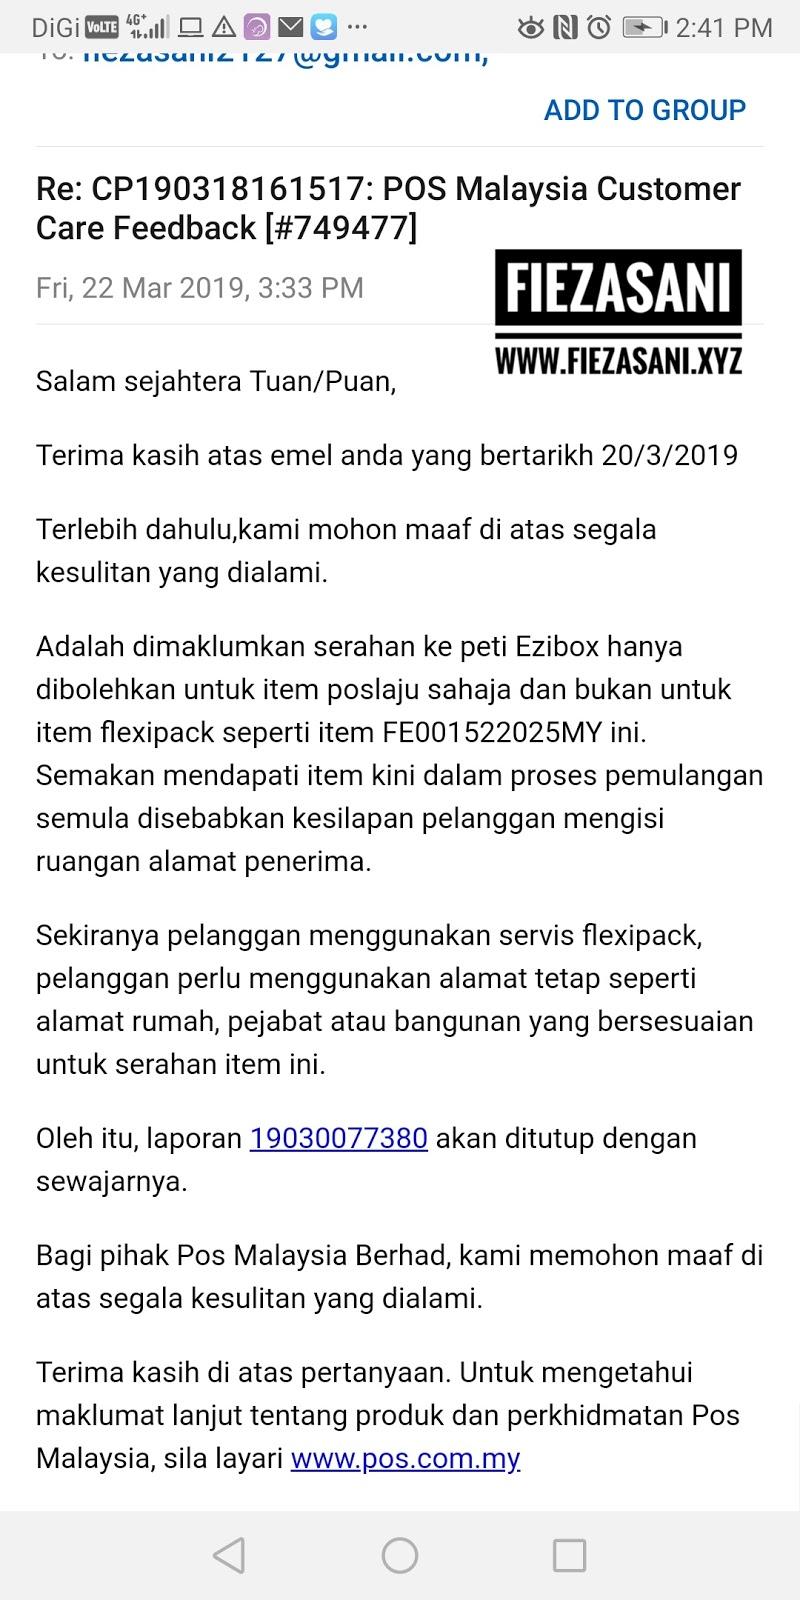 Jawapan Dari Pihak Pos Malaysia